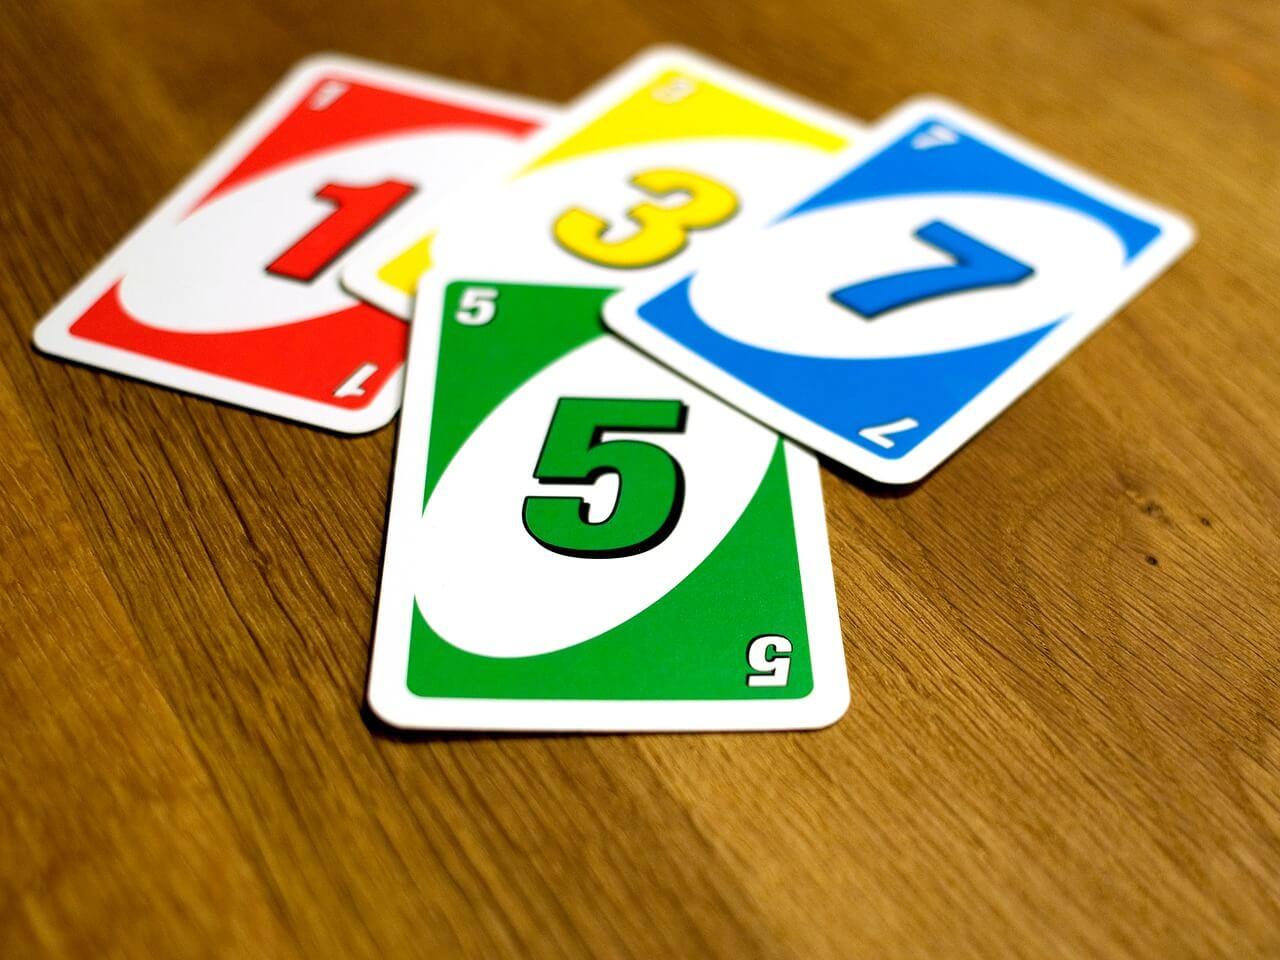 Čitav život pogrešno igrate UNO: Pravilo o karti +4 nitko ne poštuje, a može pošteno 'zapapriti' igru